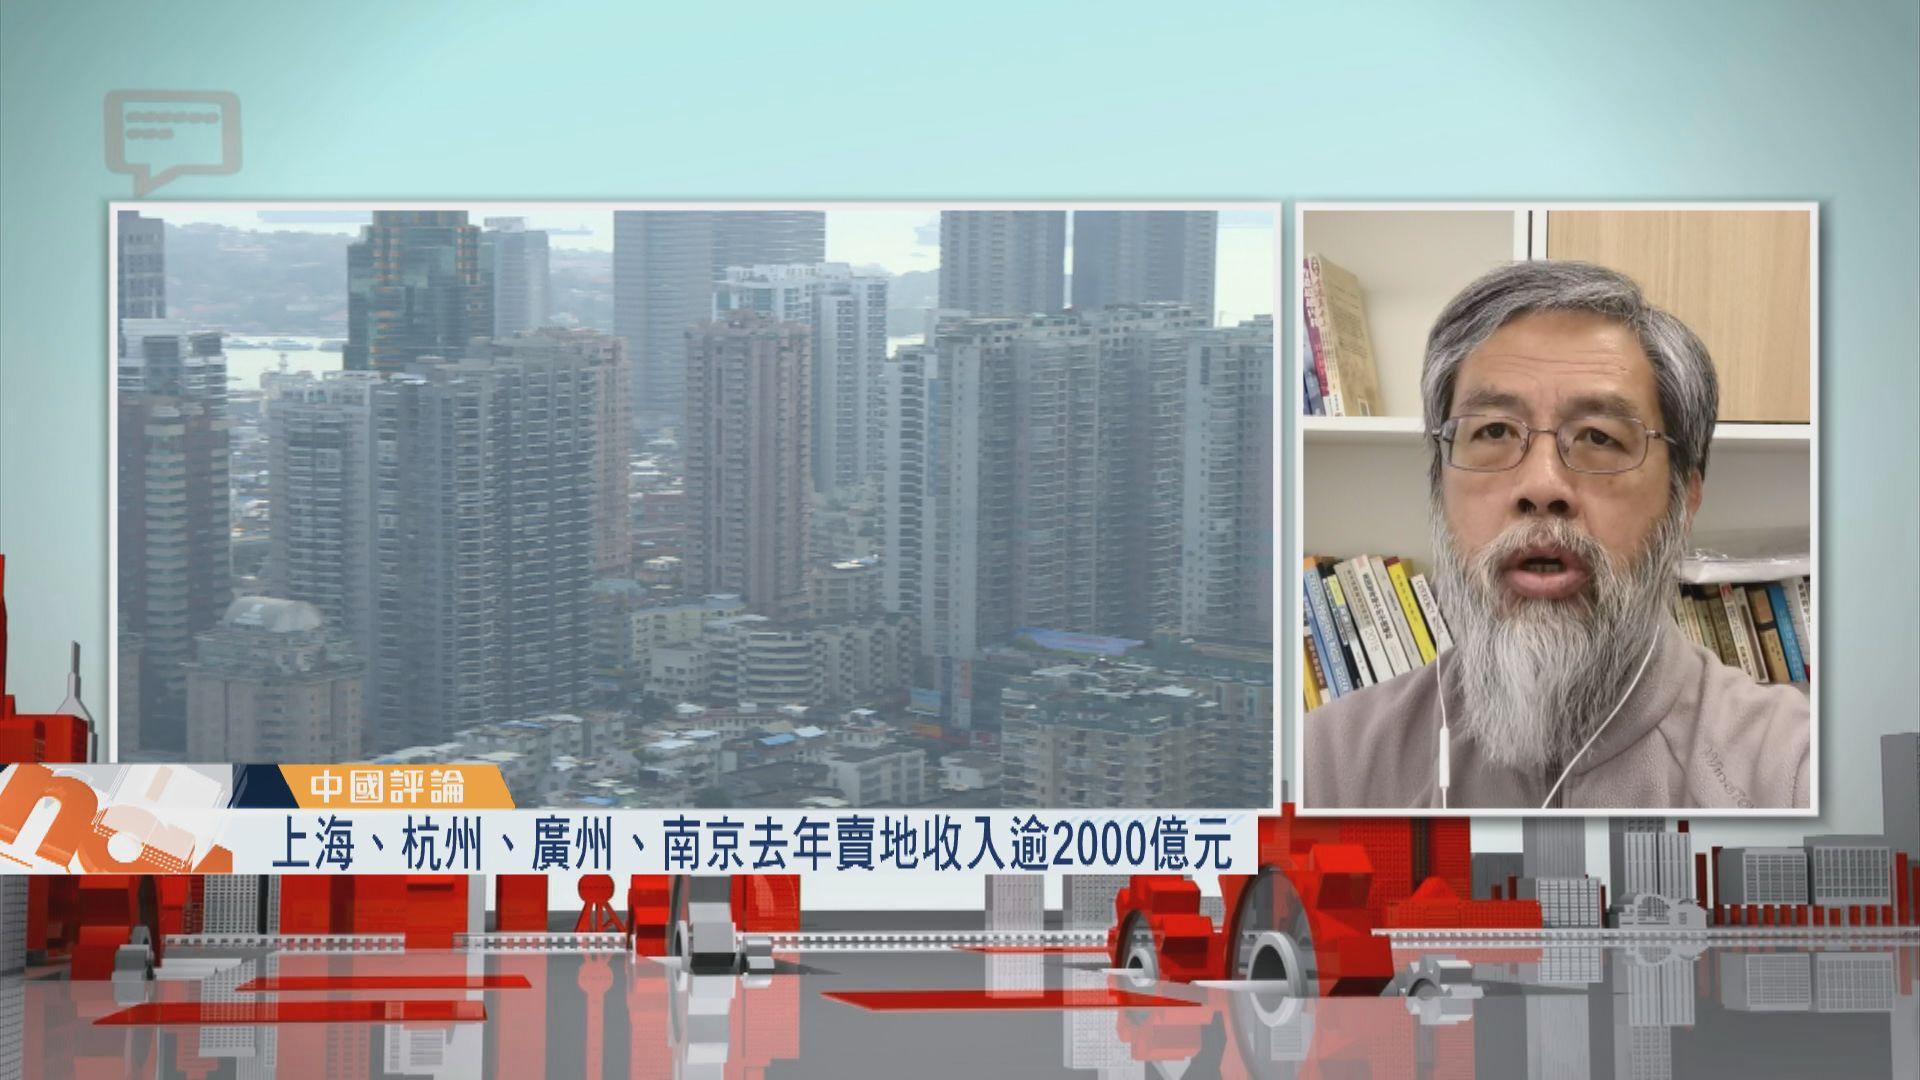 【中國評論】賣地收入/河北疫情